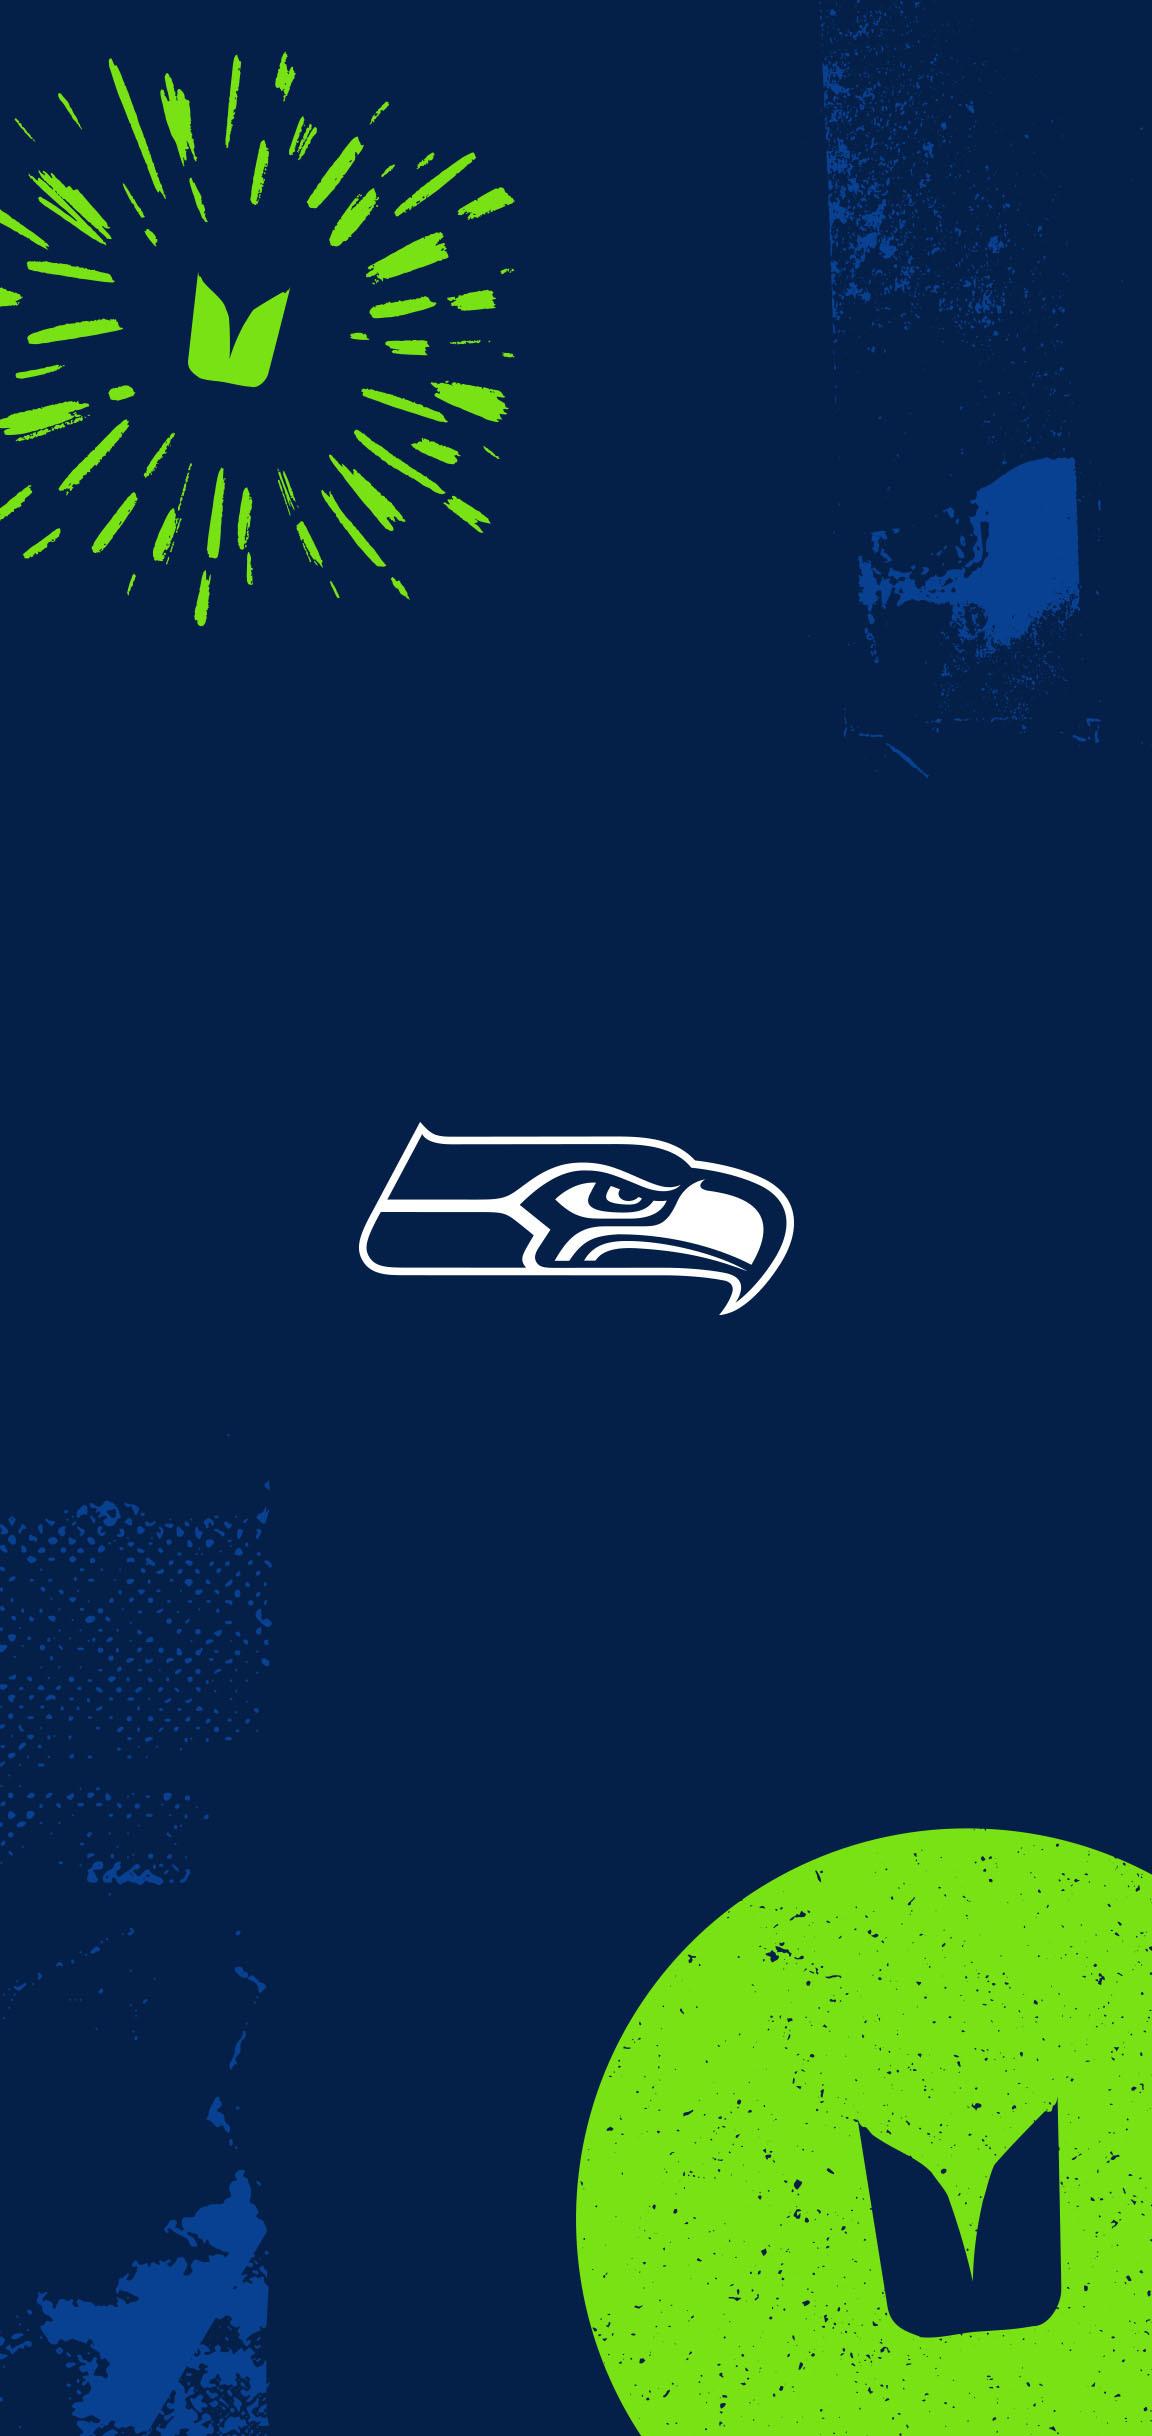 Seahawks Mobile Wallpapers Seattle Seahawks seahawkscom 1152x2436